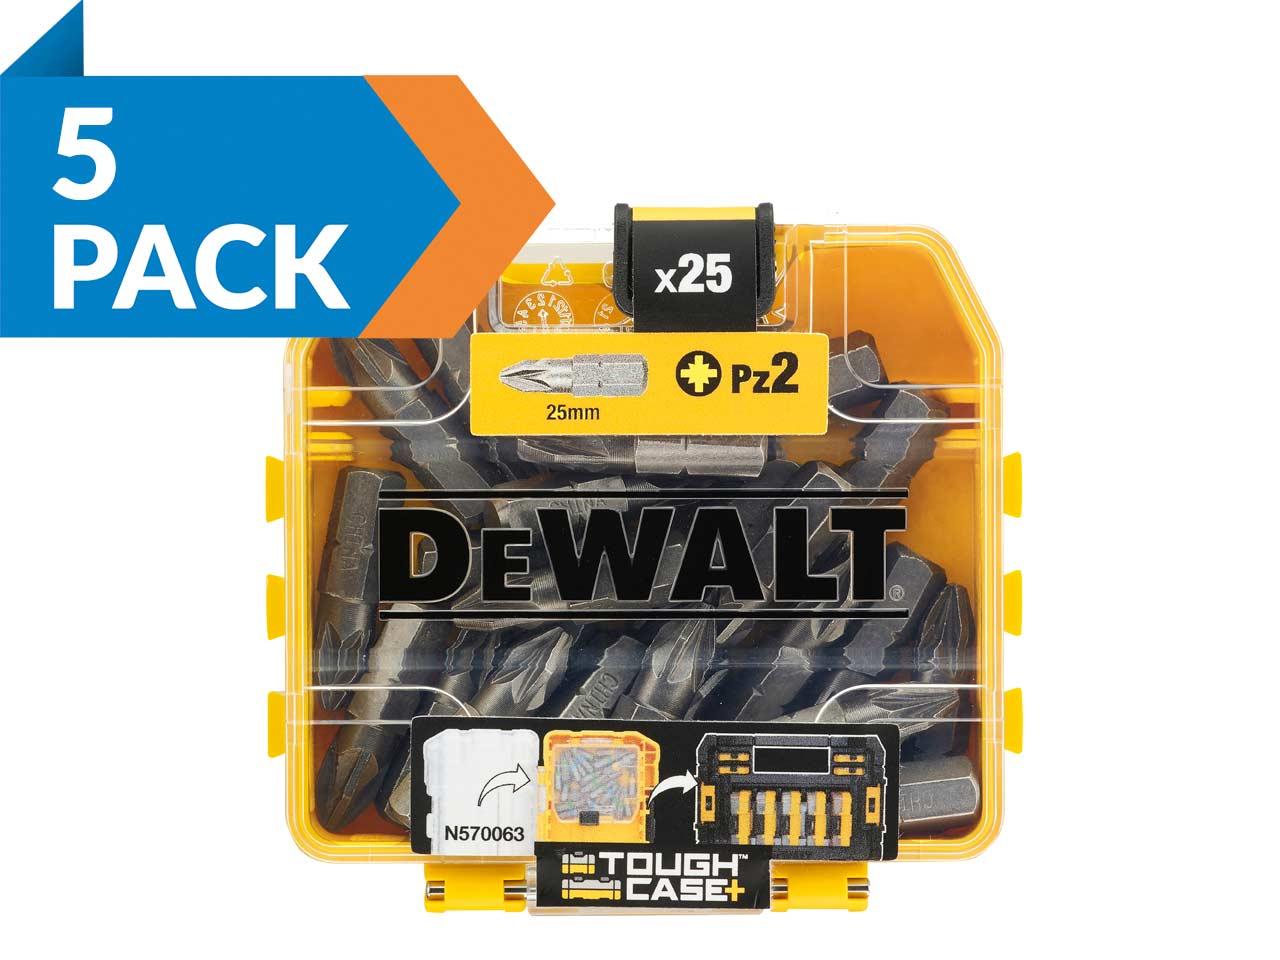 Dewalt DT70556T-QZ PZ2 25 mm Impact Extrême Driver Torsion Bit Tic Tac 25pc